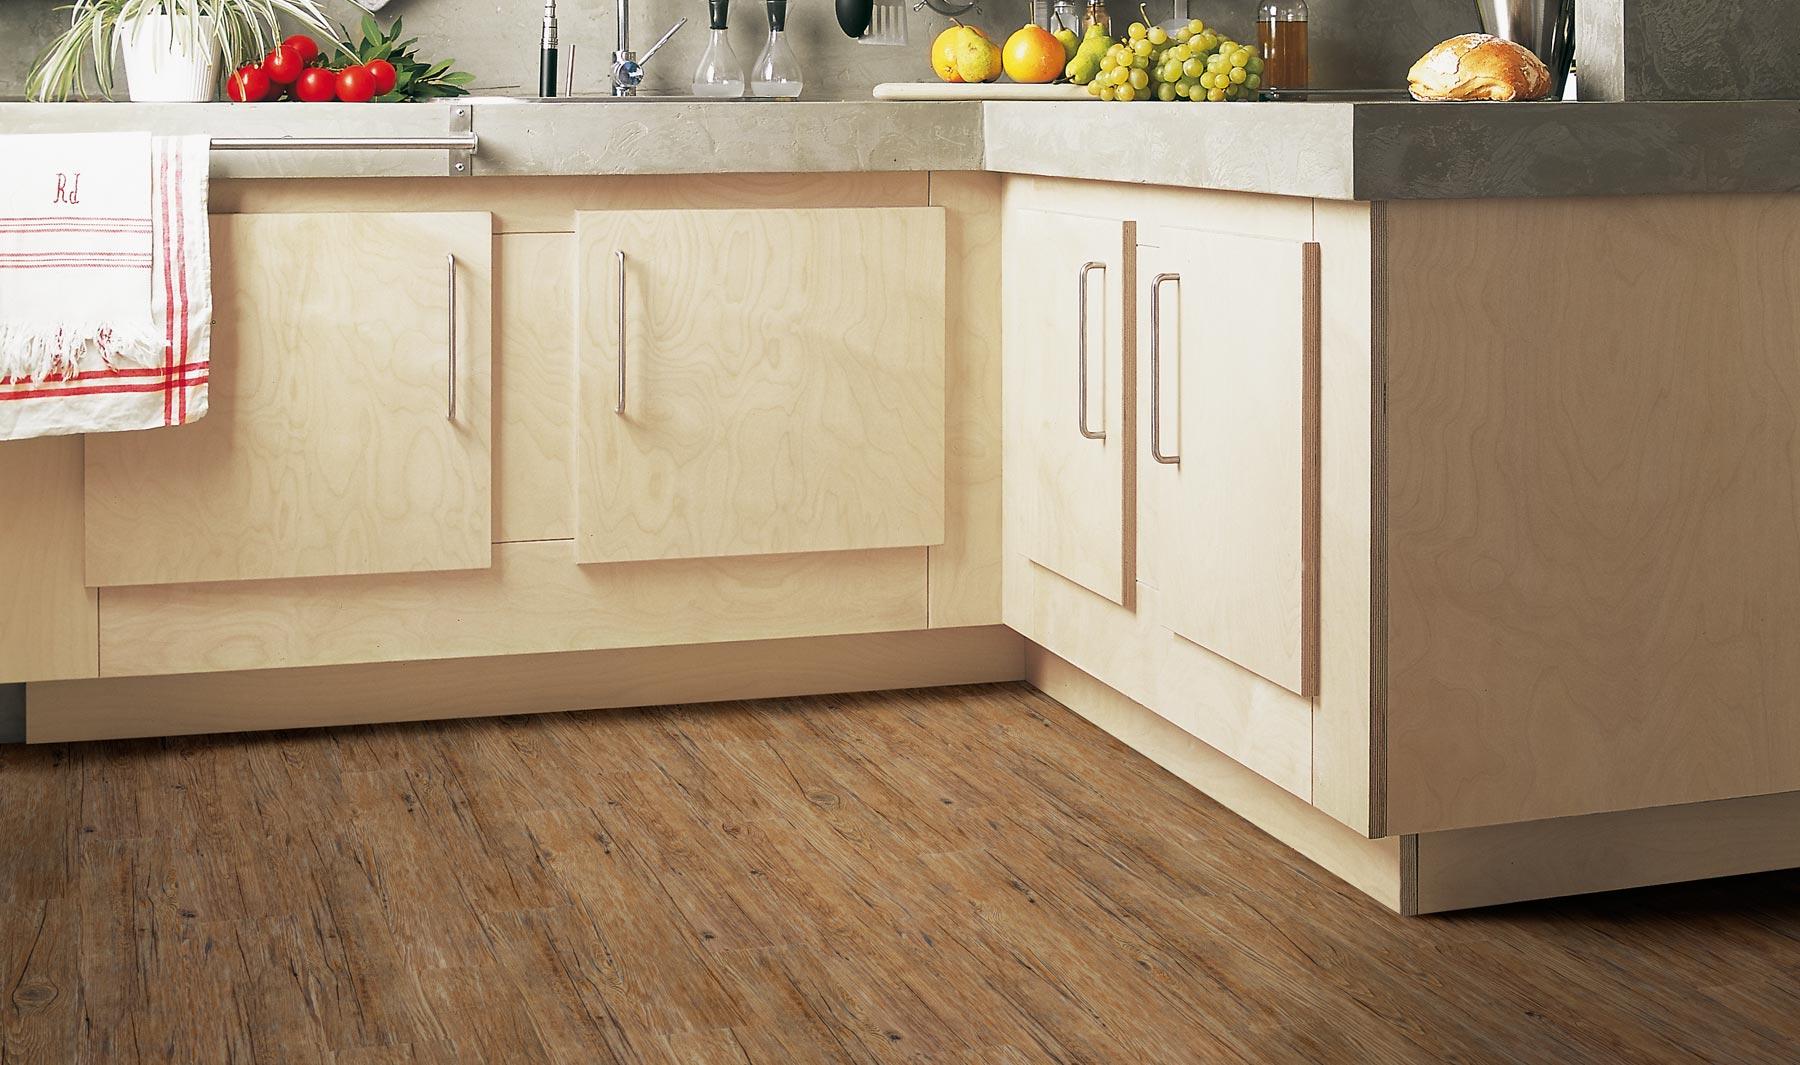 Nuevo suelo bueno bonito y barato para toda tu casa - Suelos de casas ...